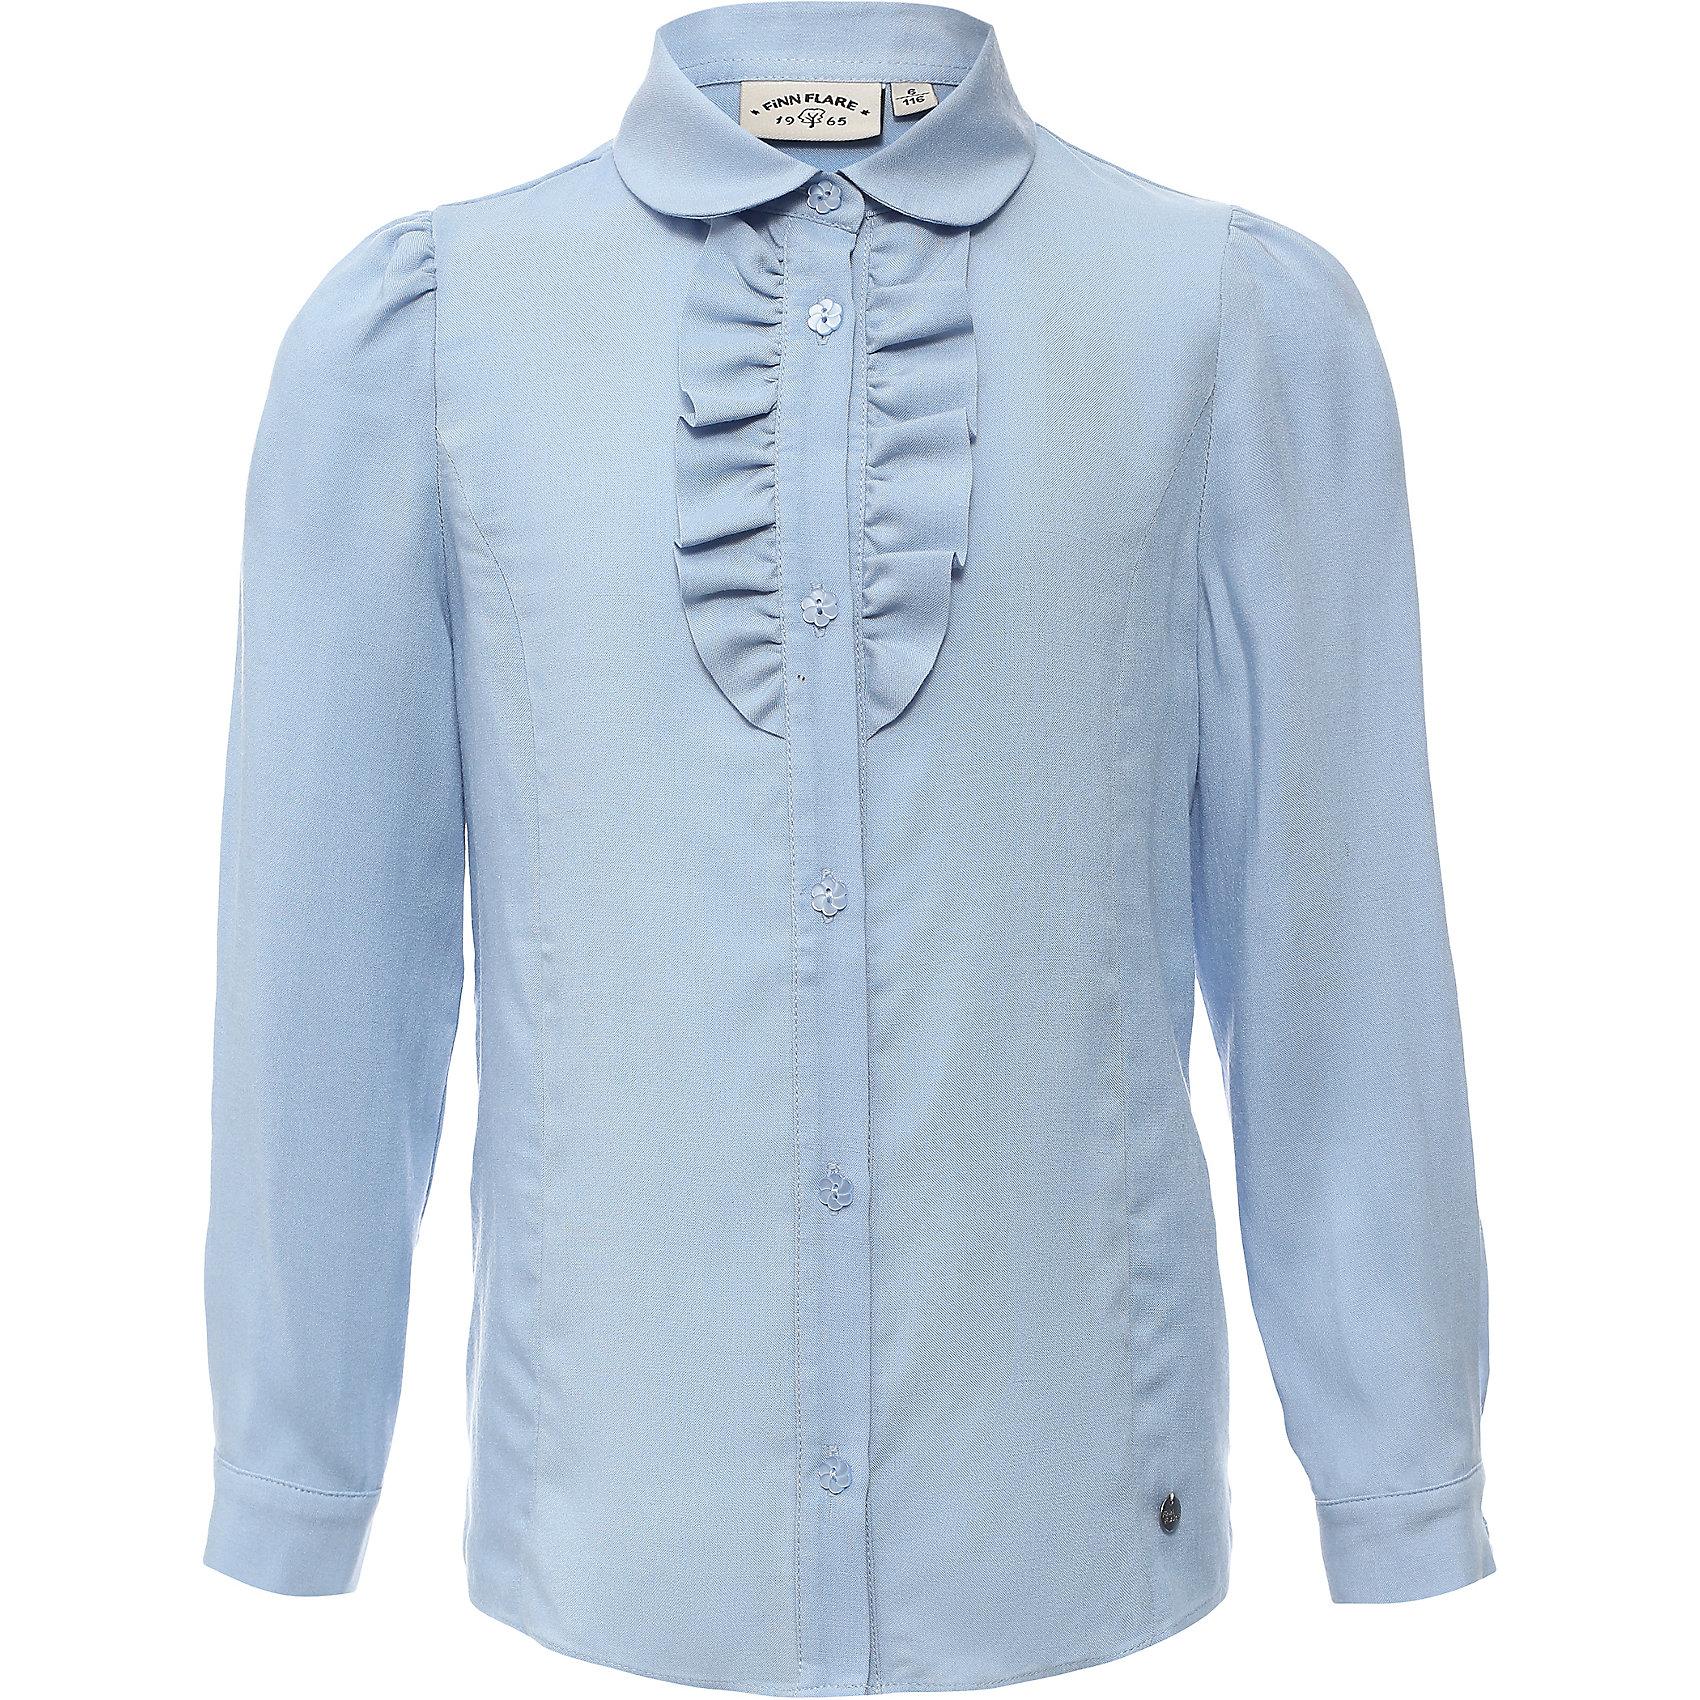 Блузка для девочки Finn FlareБлузка для девочки известной марки Finn Flare.<br><br>Школьная блузка для девочки украшена волнами у ворота, имеет декоративные пуговицы-цветочки. Блузка с длинными рукавами, которые имеют узкие манжеты на пуговичках. Рукава блузки можно подкатить – получится блузка с рукавами на 3/4. <br><br>Фактура материала: Текстильный<br>Вид застежки: Пуговицы<br>Длина рукава: Длинные<br>Тип карманов: Без карманов<br><br>Состав: 95% вискоза, 5% эластан<br><br>Блузку для девочки Finn Flare можно купить в нашем интернет-магазине.<br><br>Ширина мм: 186<br>Глубина мм: 87<br>Высота мм: 198<br>Вес г: 197<br>Цвет: голубой<br>Возраст от месяцев: 60<br>Возраст до месяцев: 72<br>Пол: Женский<br>Возраст: Детский<br>Размер: 116,158,152,146,140,134,128,122<br>SKU: 4890158